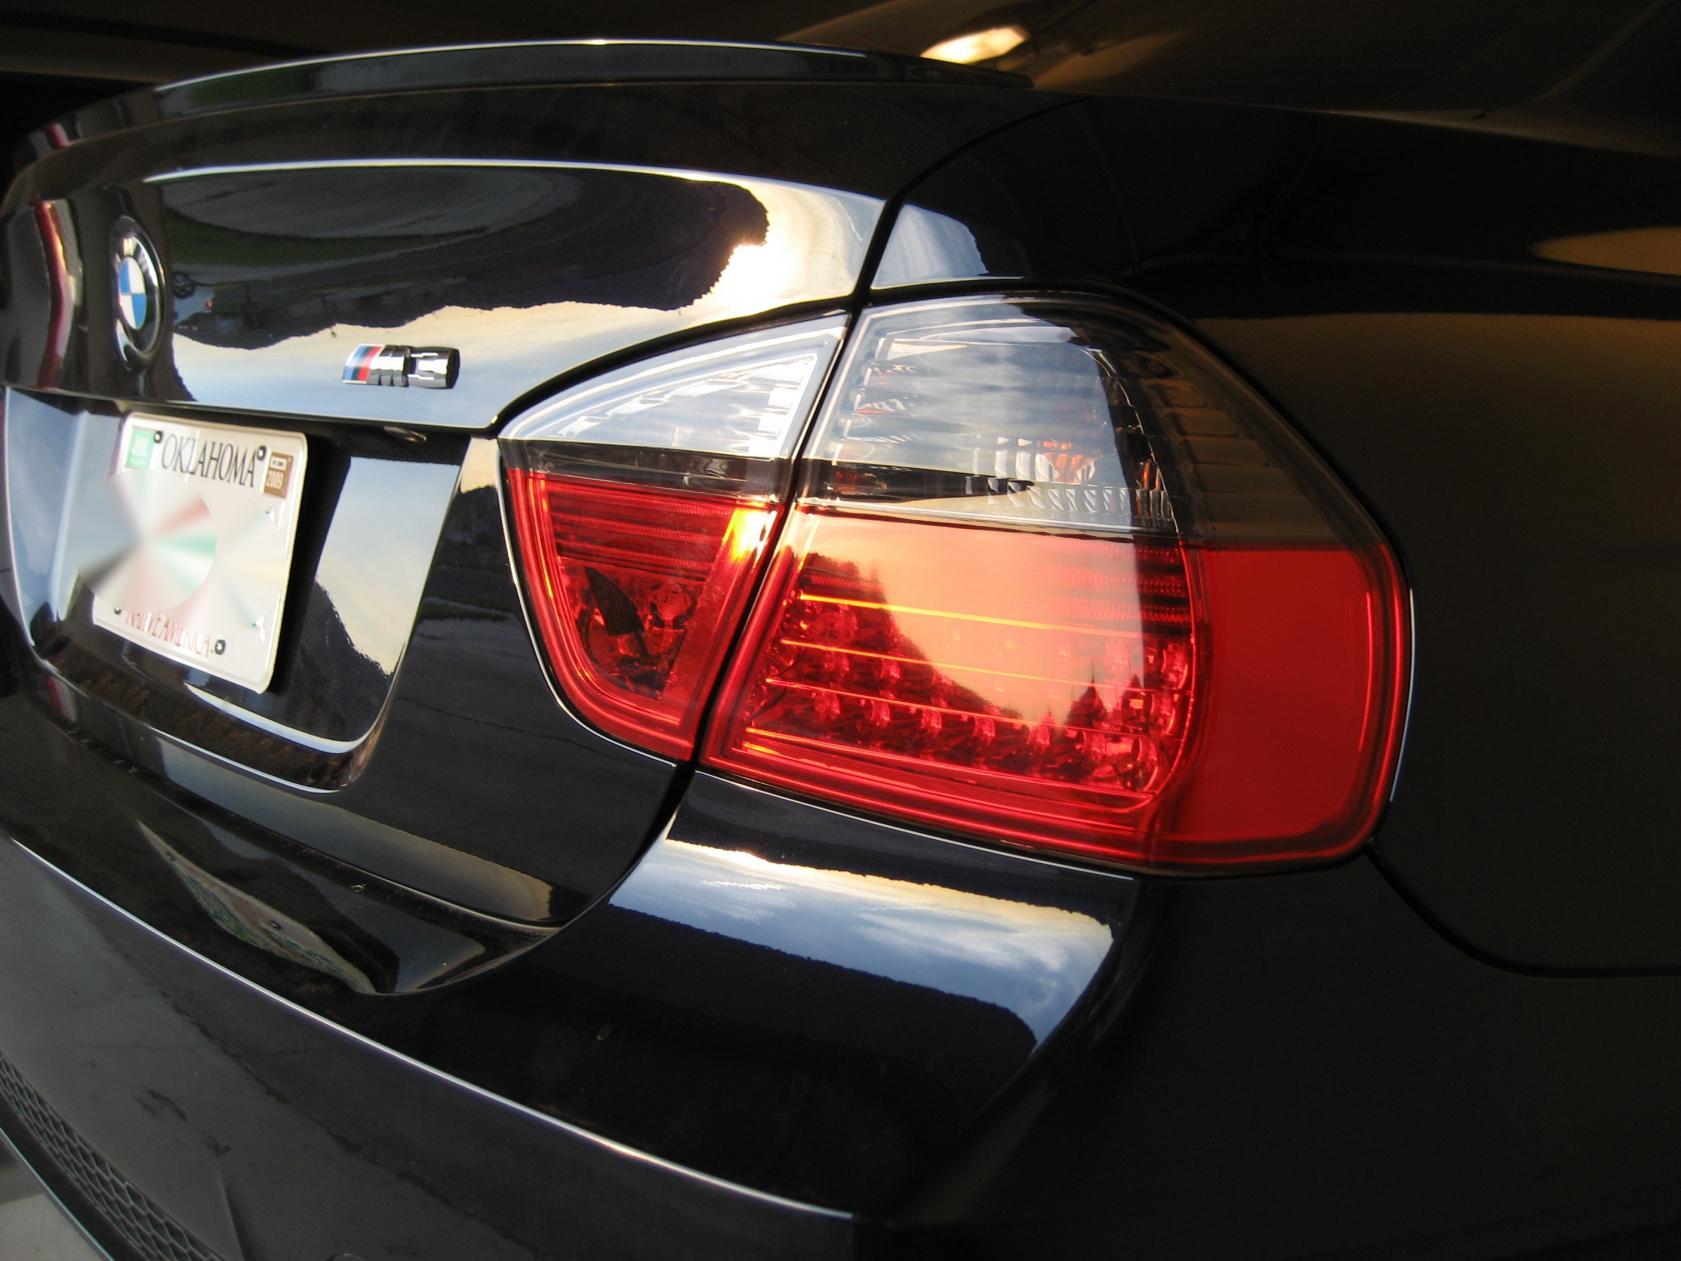 Wtb Rear Led Tail Lights For 2008 E90 M3